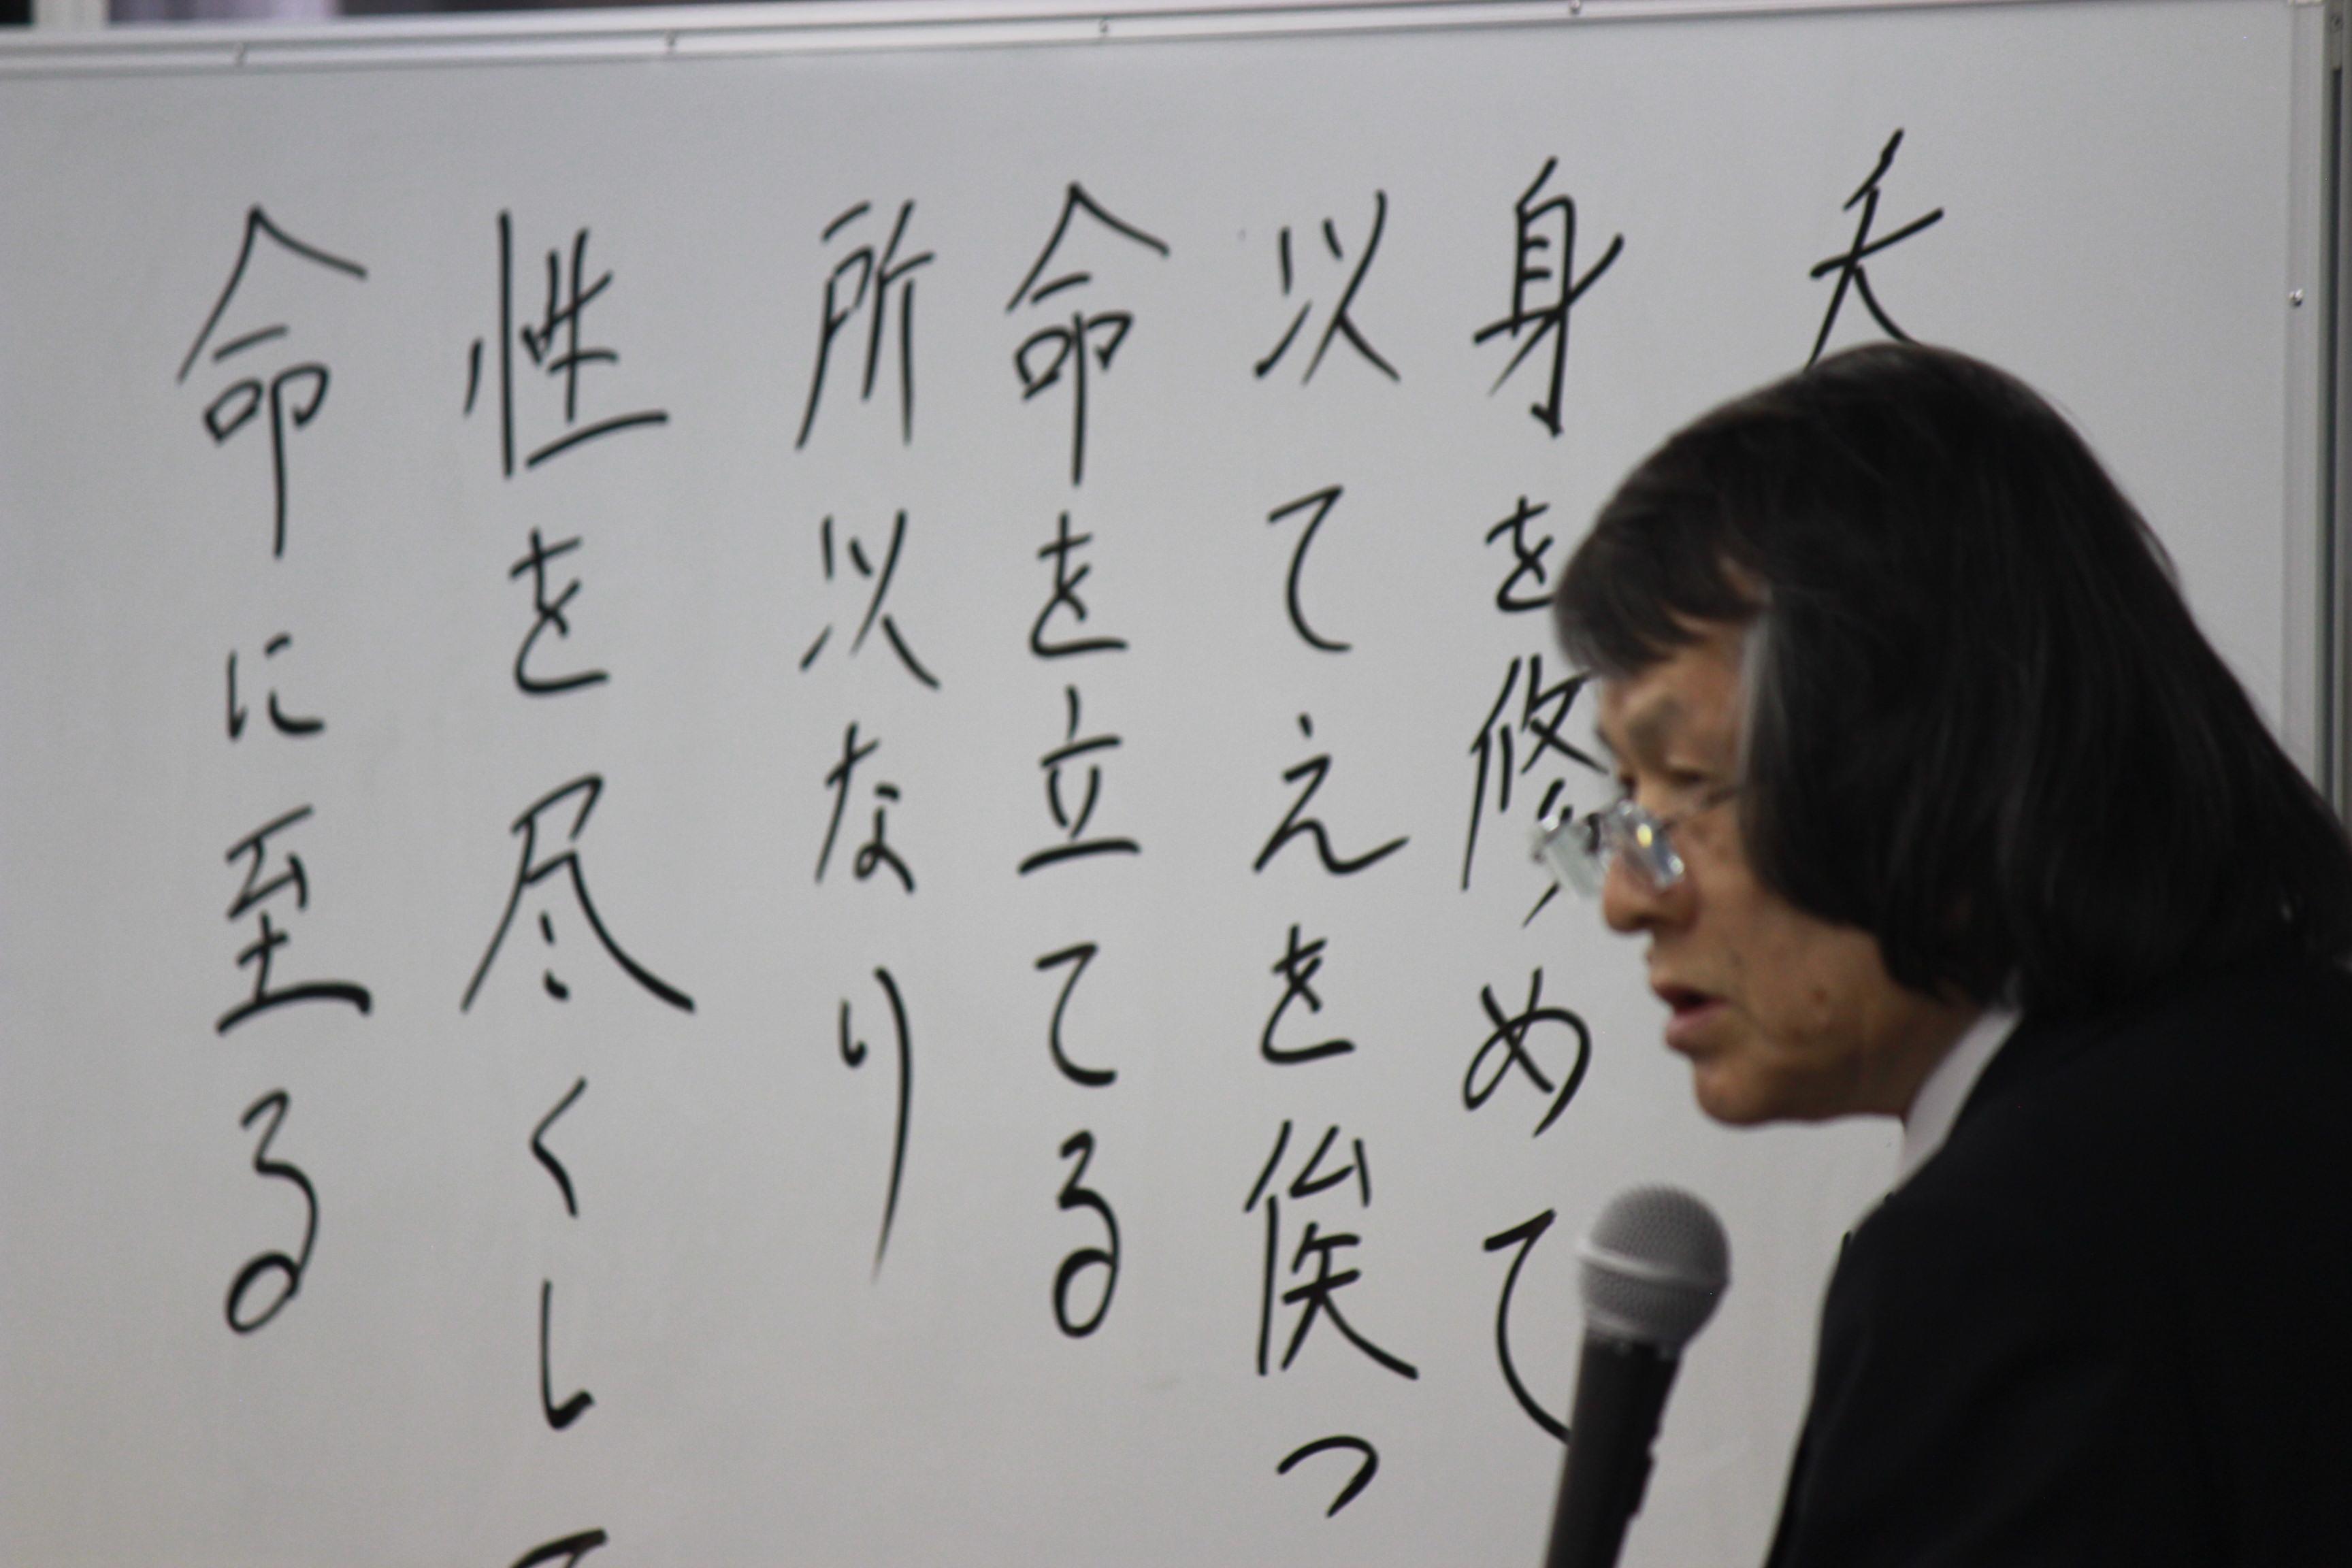 IMG 7846 - 関東若獅子の会、記念すべき第100回